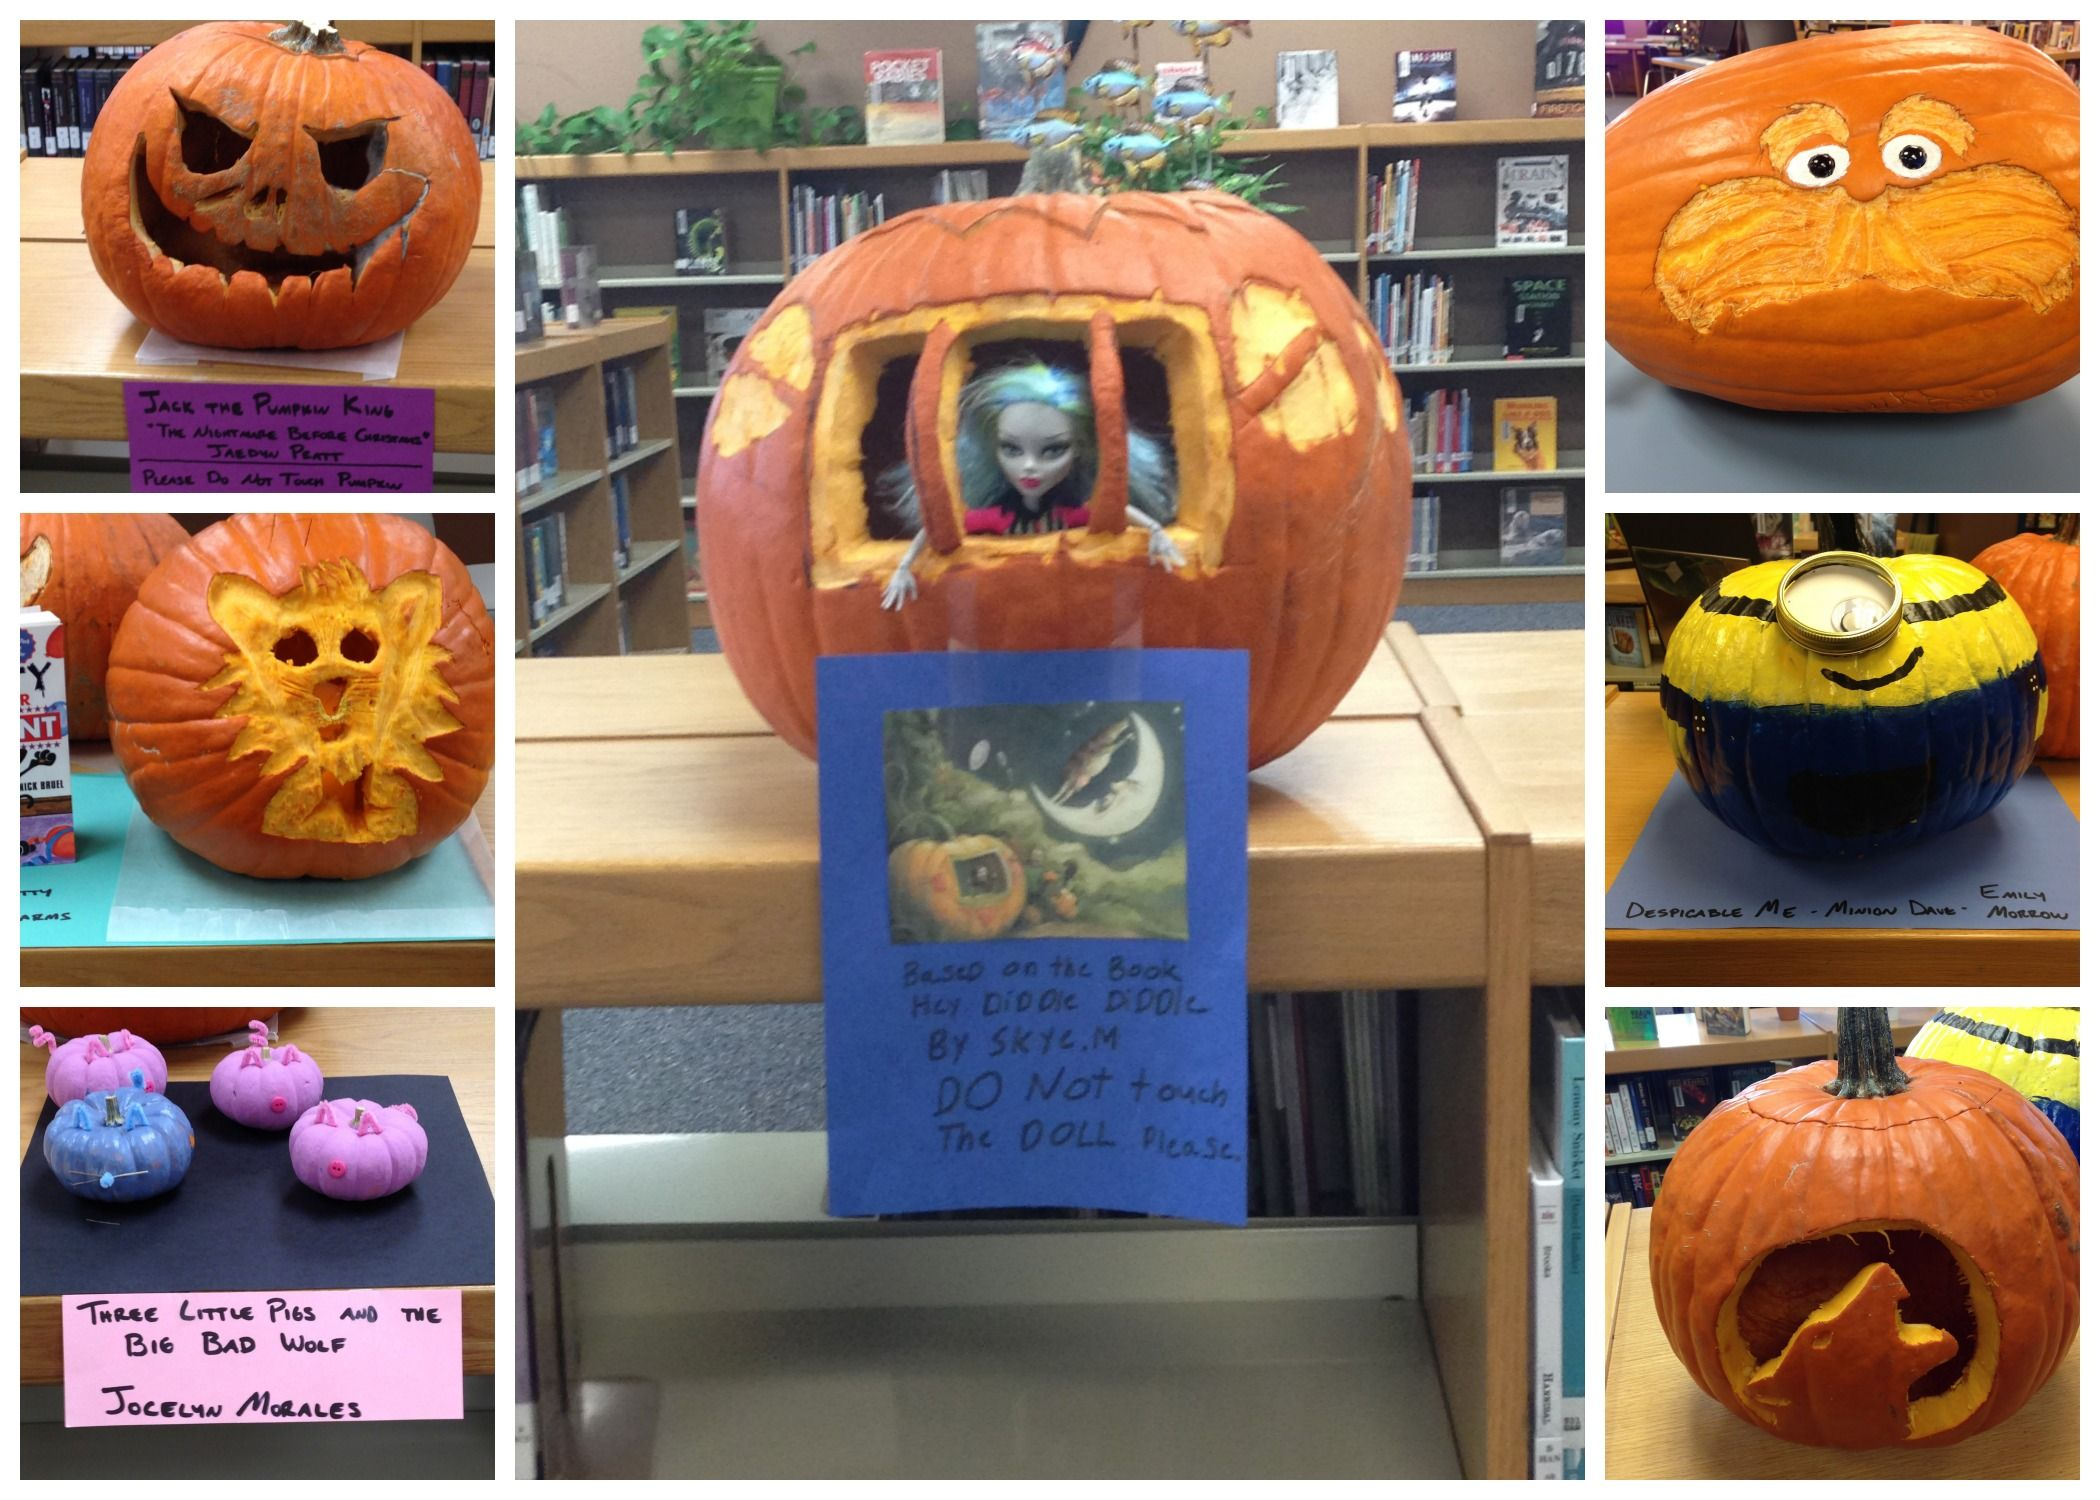 La Pine Middle School Pumpkin Contest Create A Book